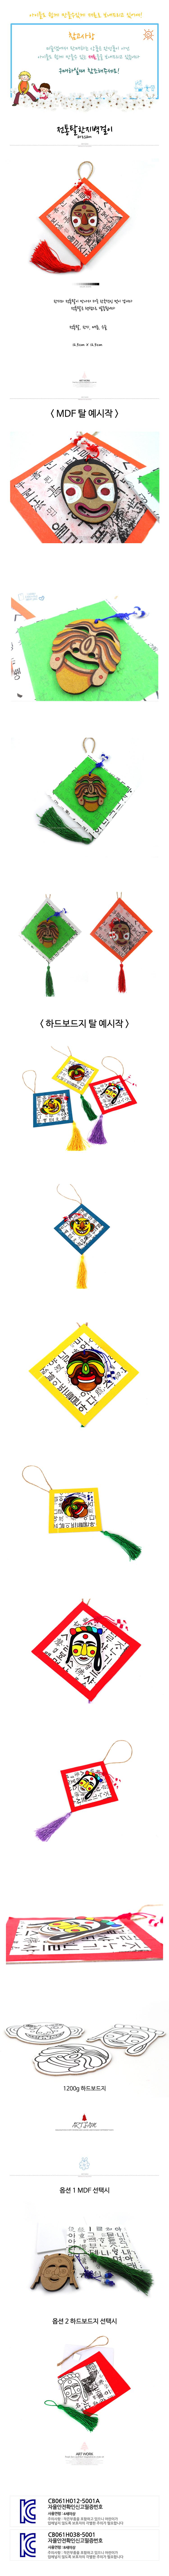 전통탈한지 벽걸이 5인용 - 미술샘, 10,000원, 종이공예/북아트, 종이공예 패키지